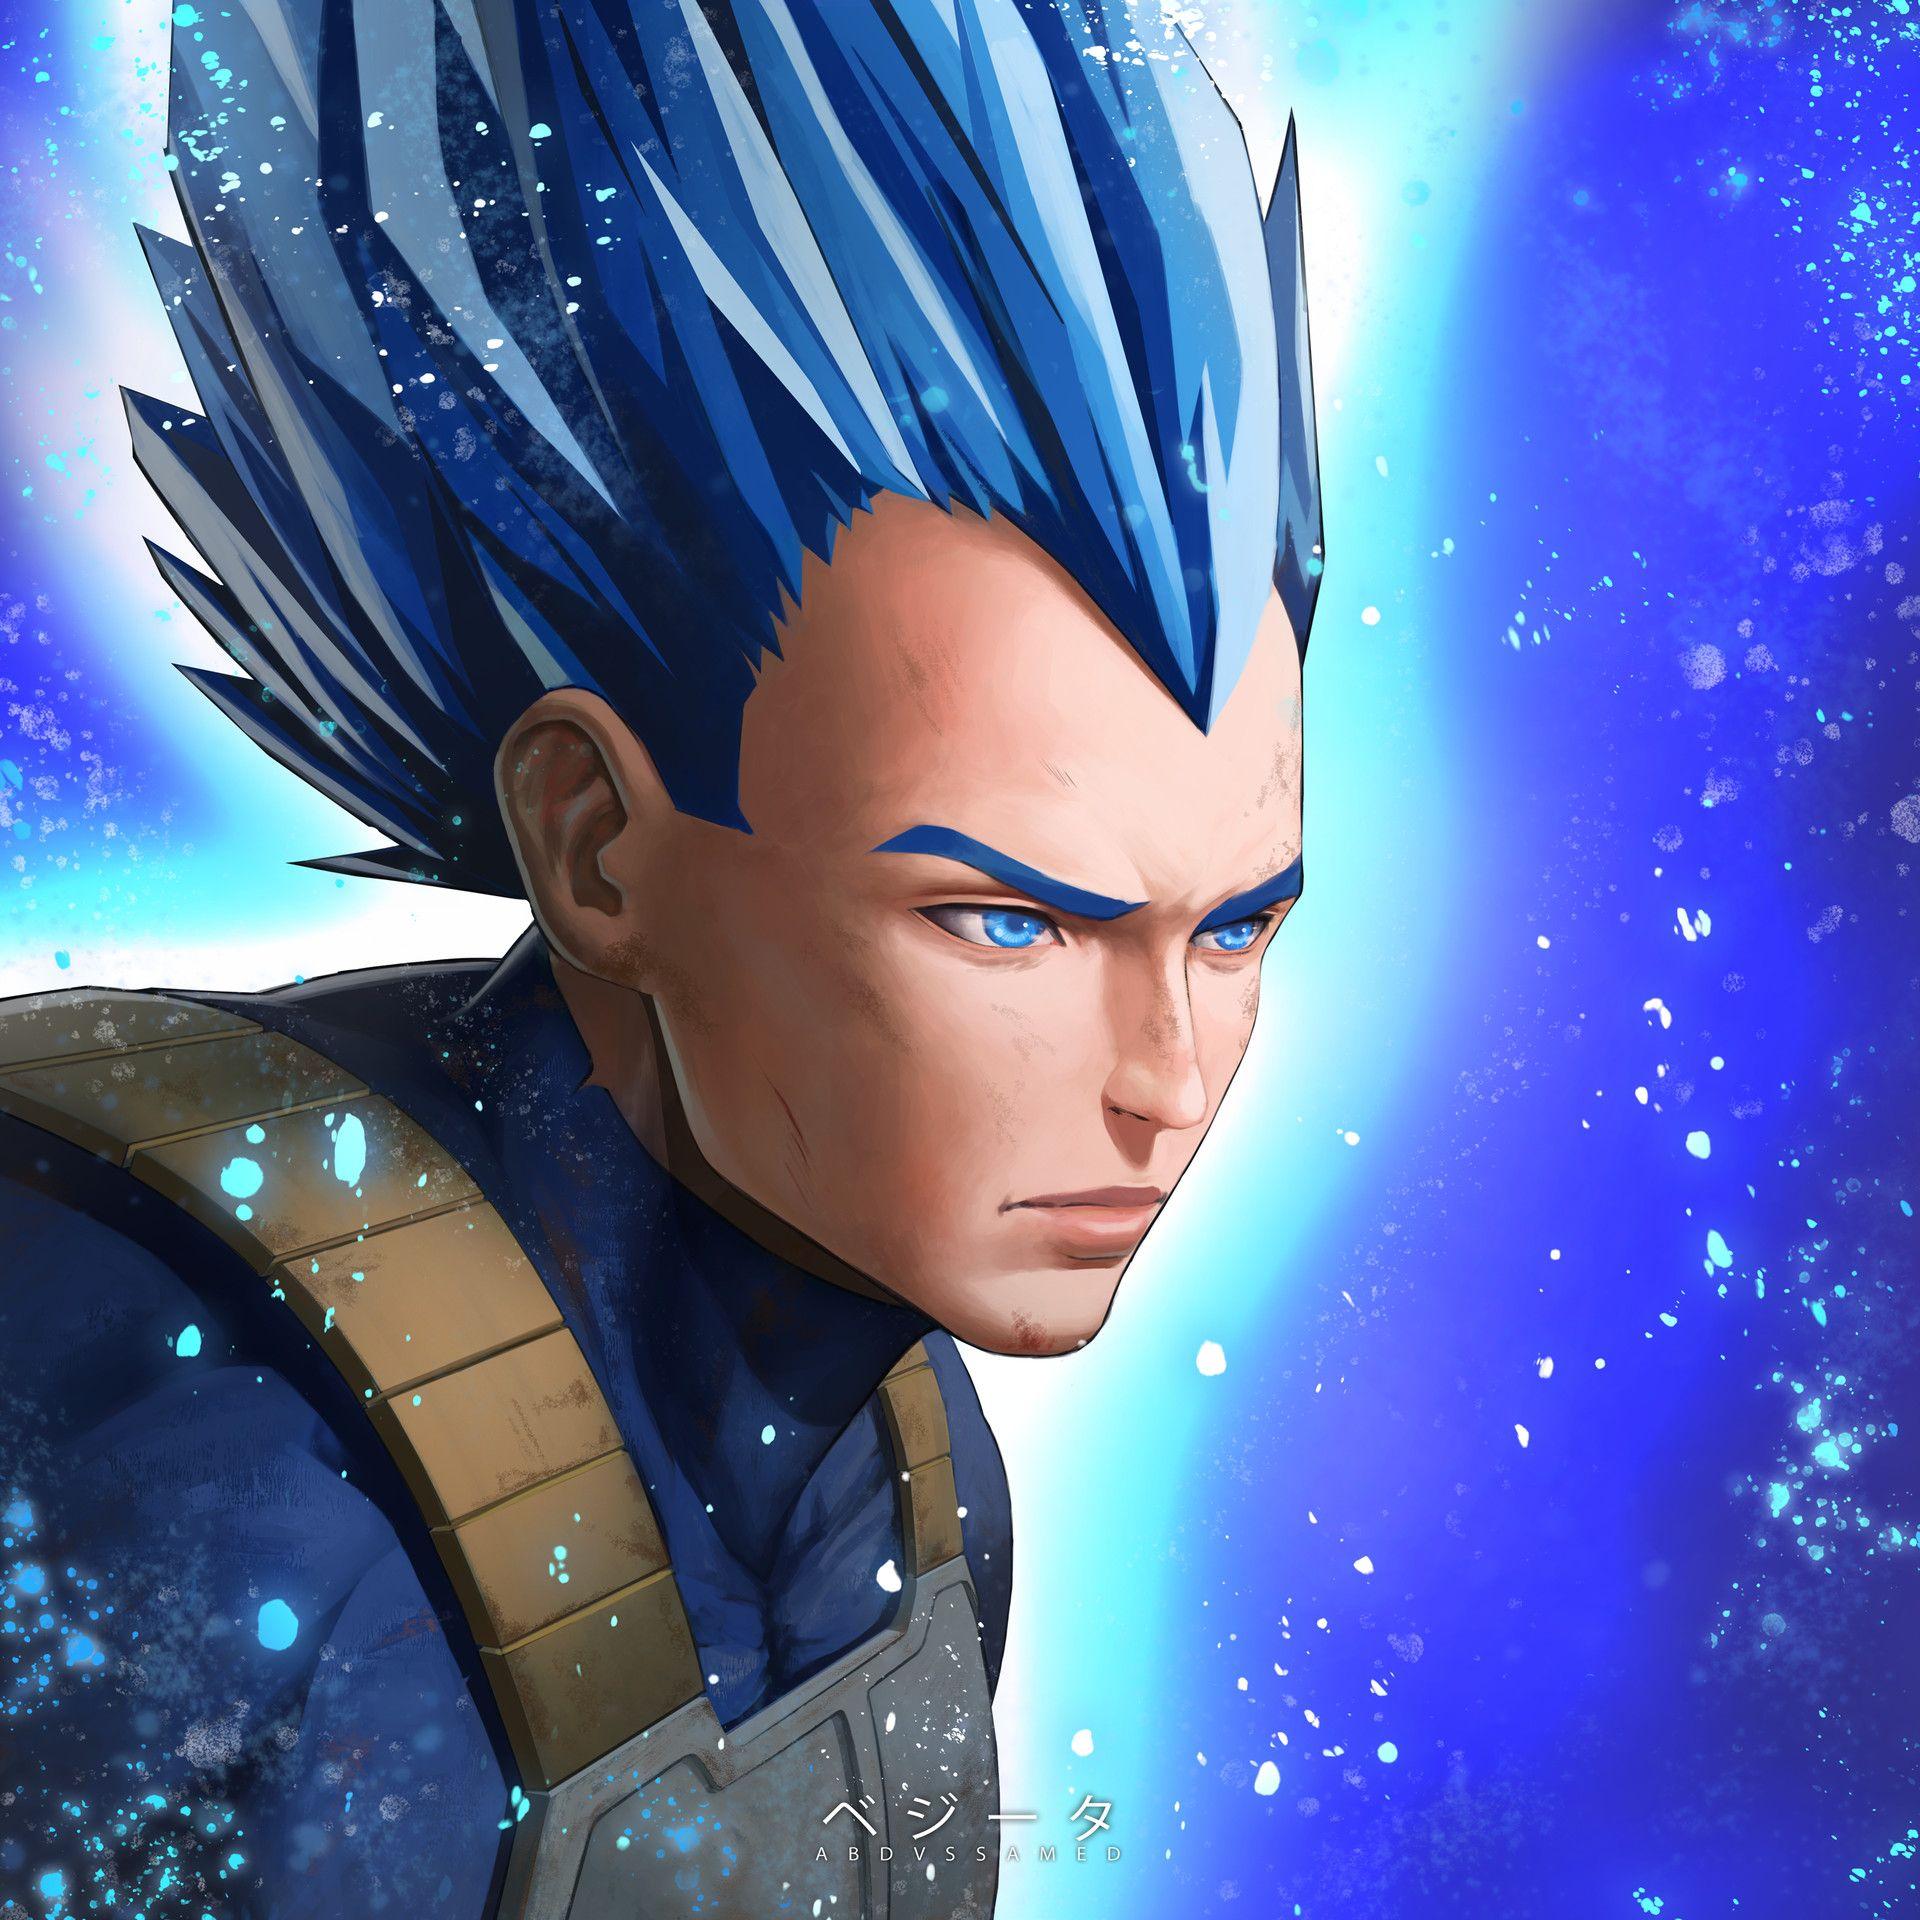 Artstation Vegeta Fan Art Abdussamed Yildirim Anime Dragon Ball Fan Art Vegeta